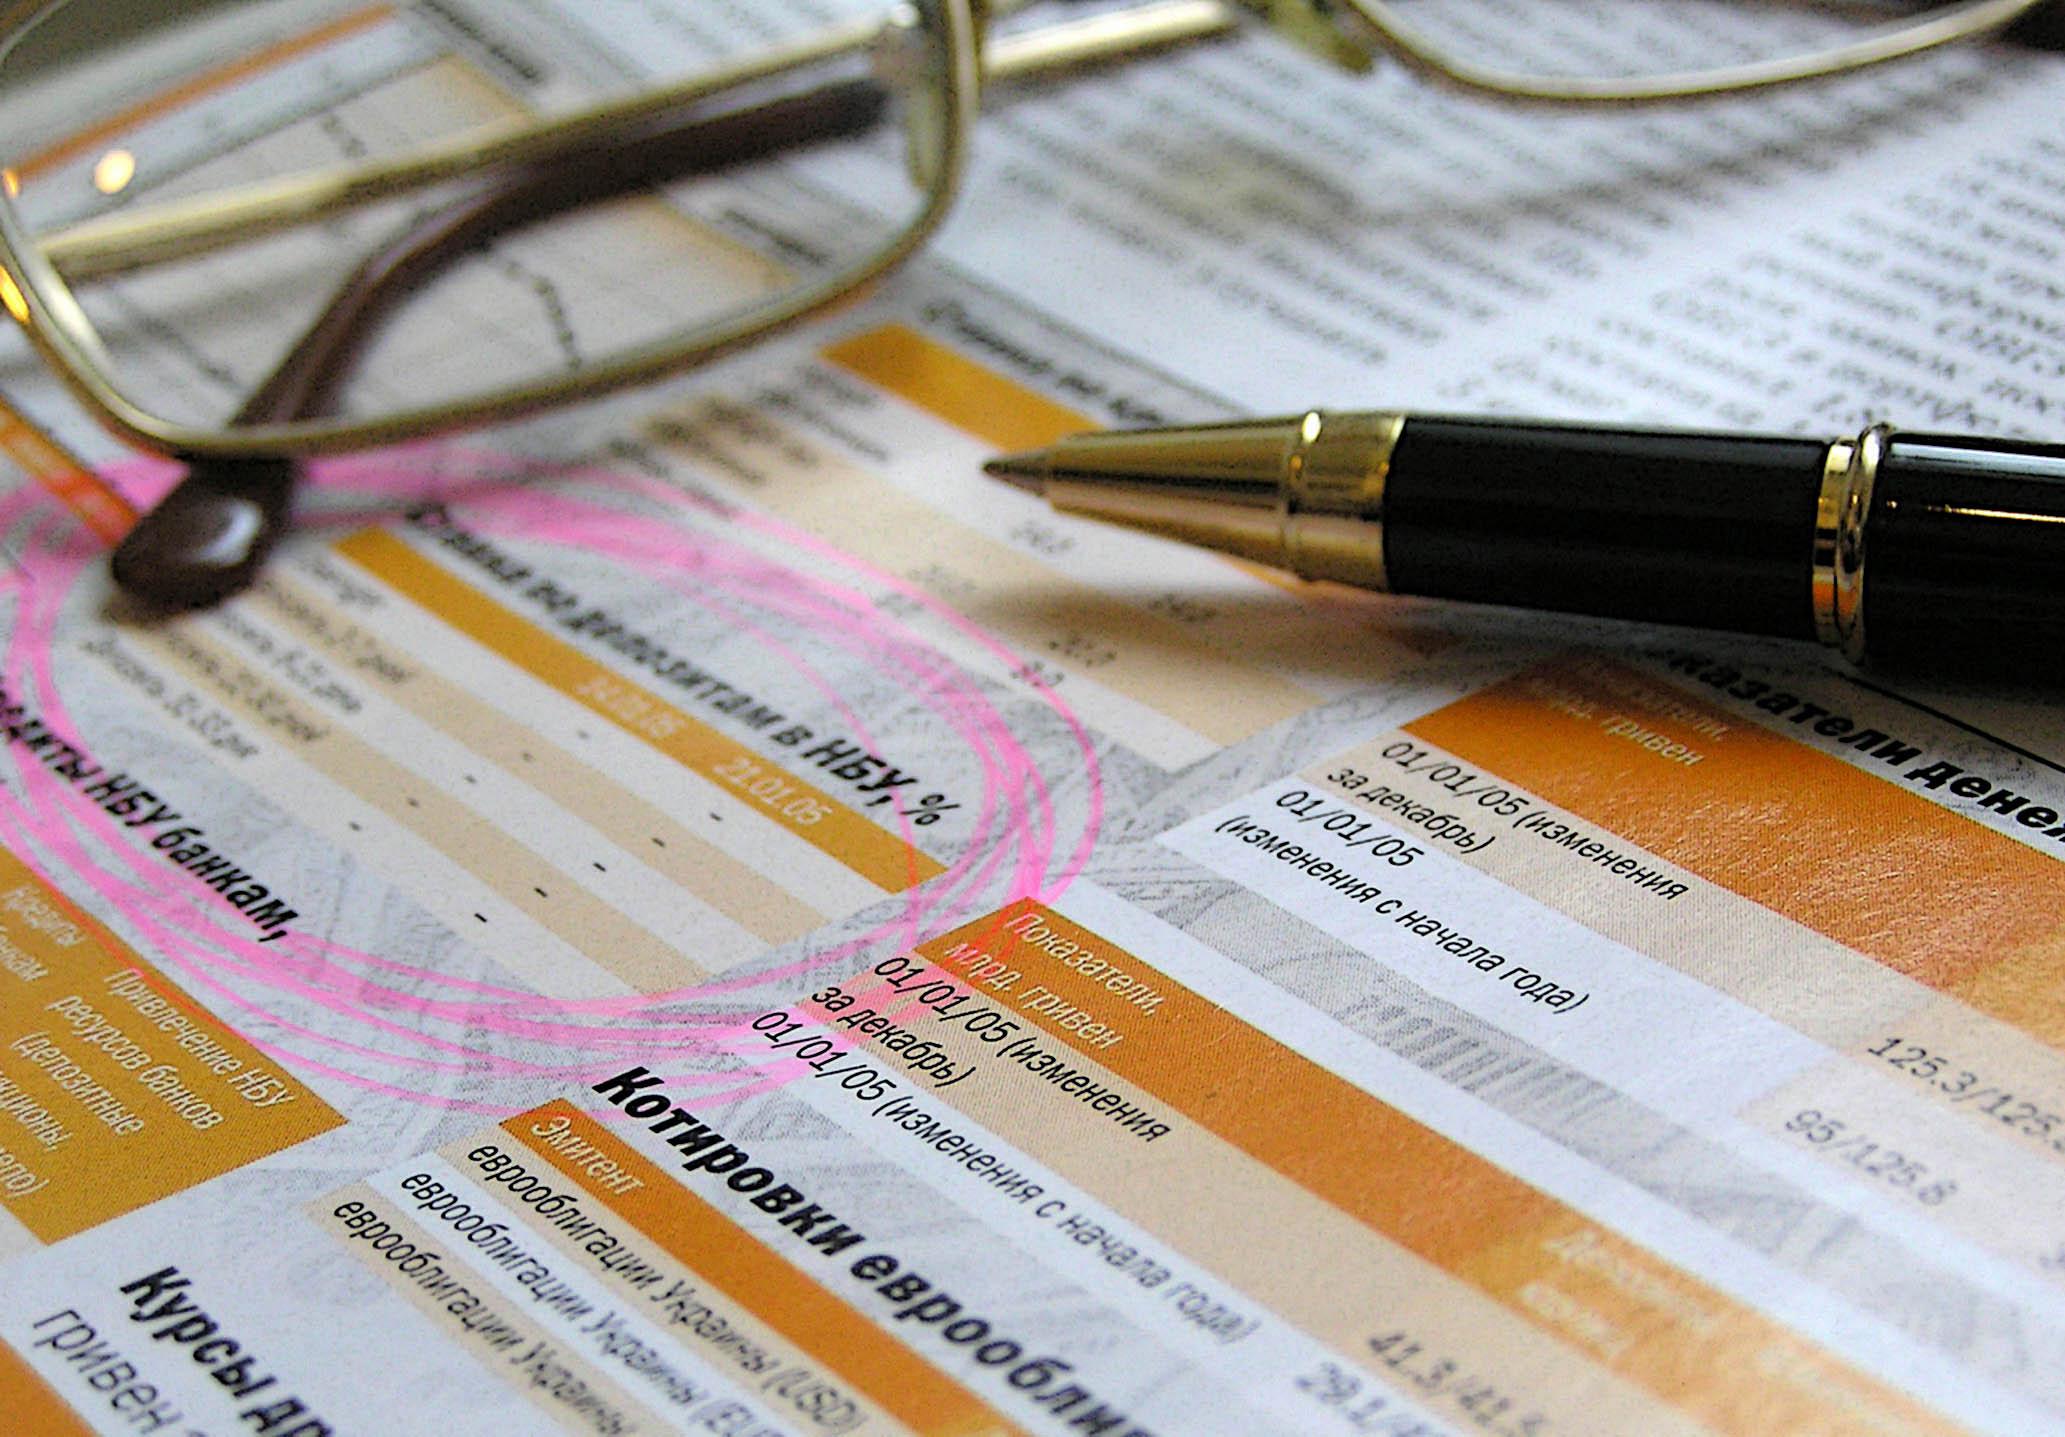 Податки під час «чуми»: за що можна поки не сплачувати